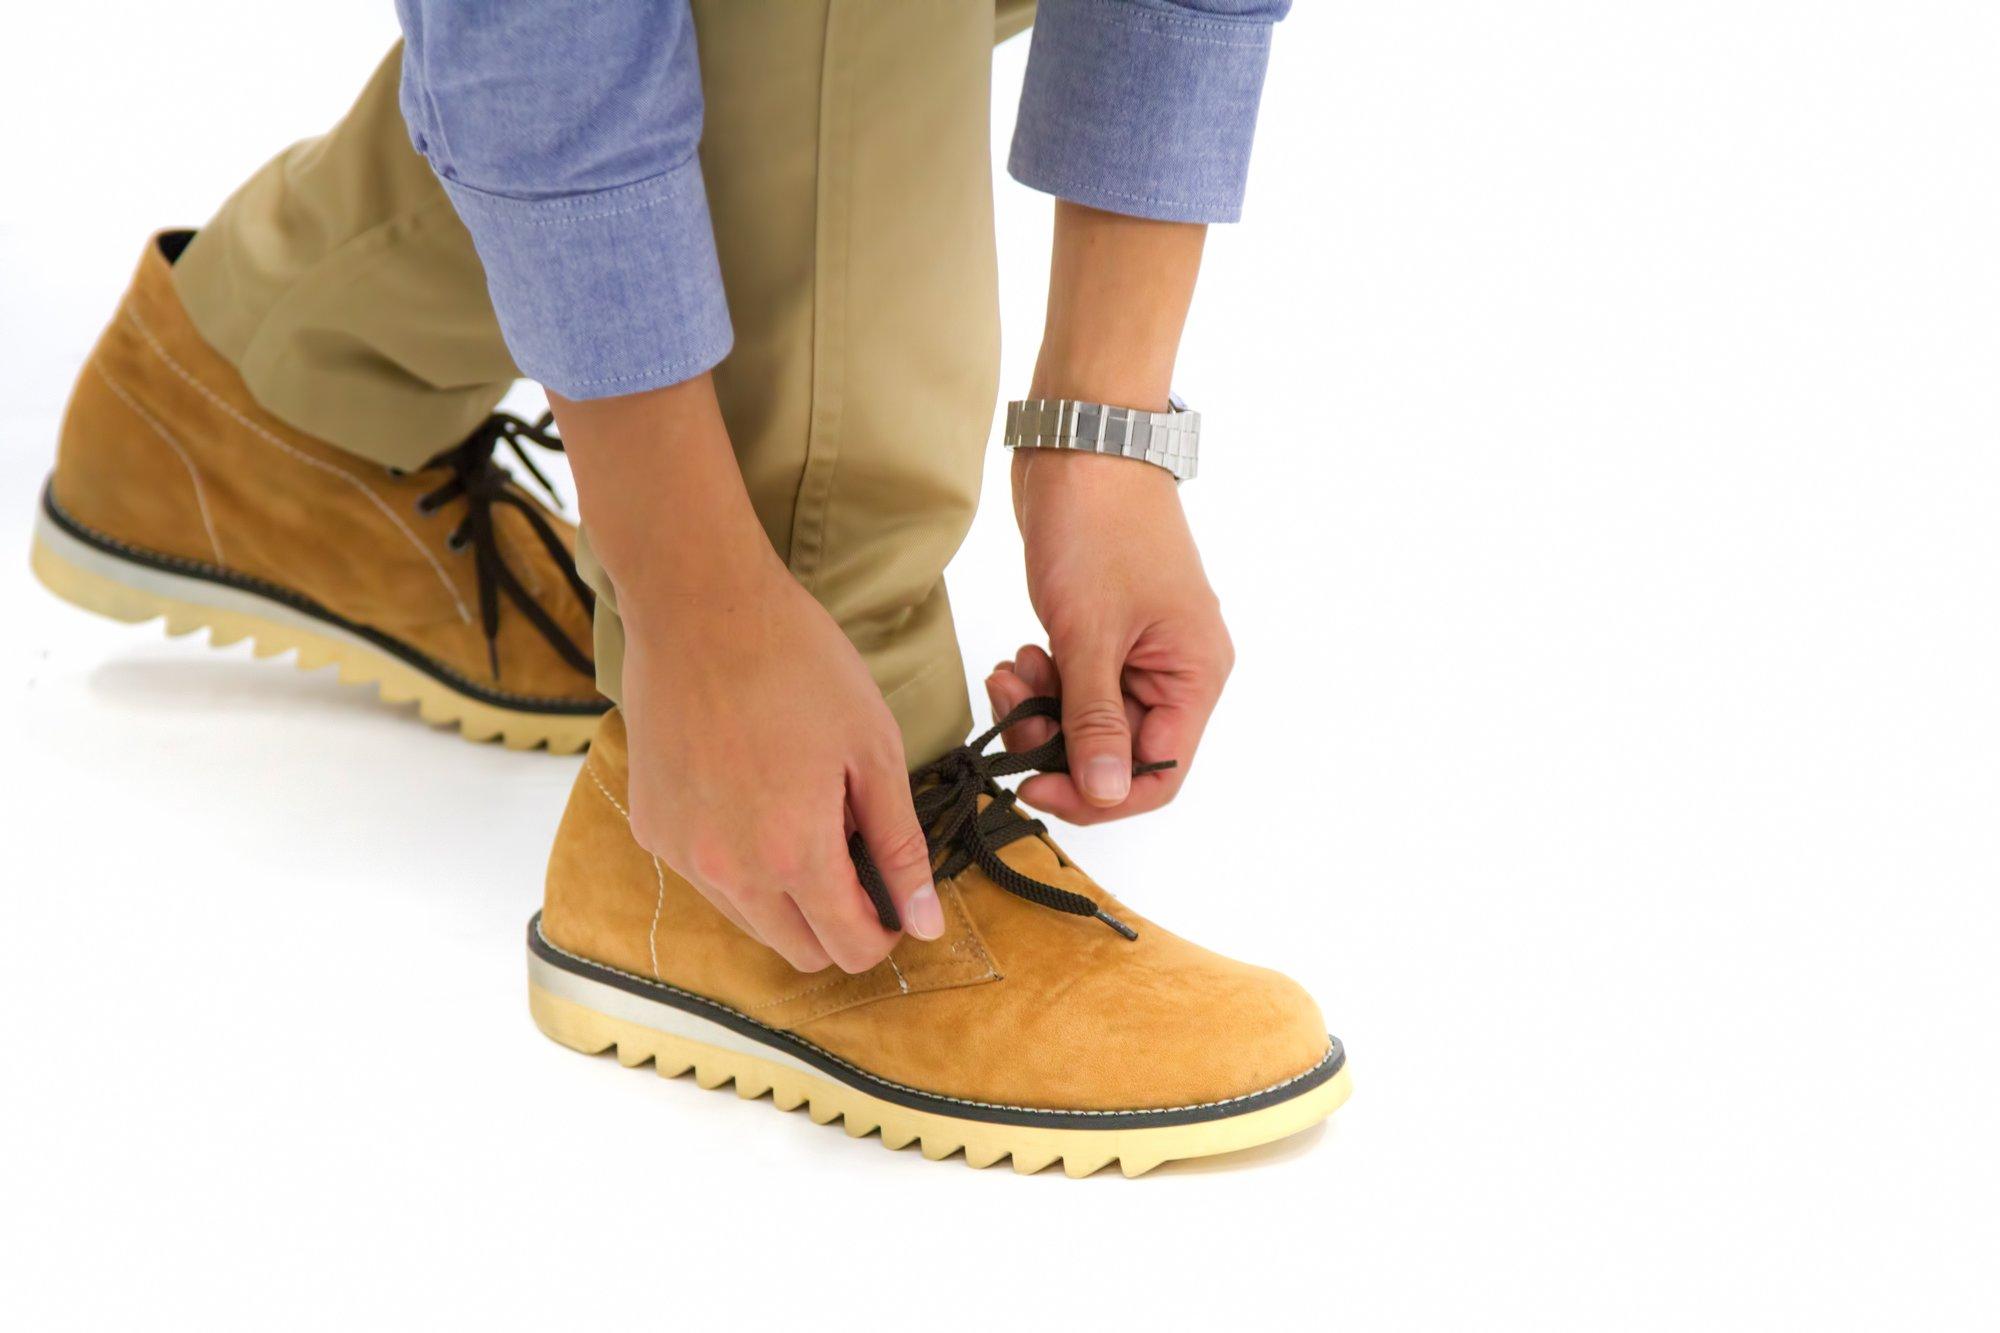 【靴ひも大事】ランニングシューズの正しい履き方 コツ5つ